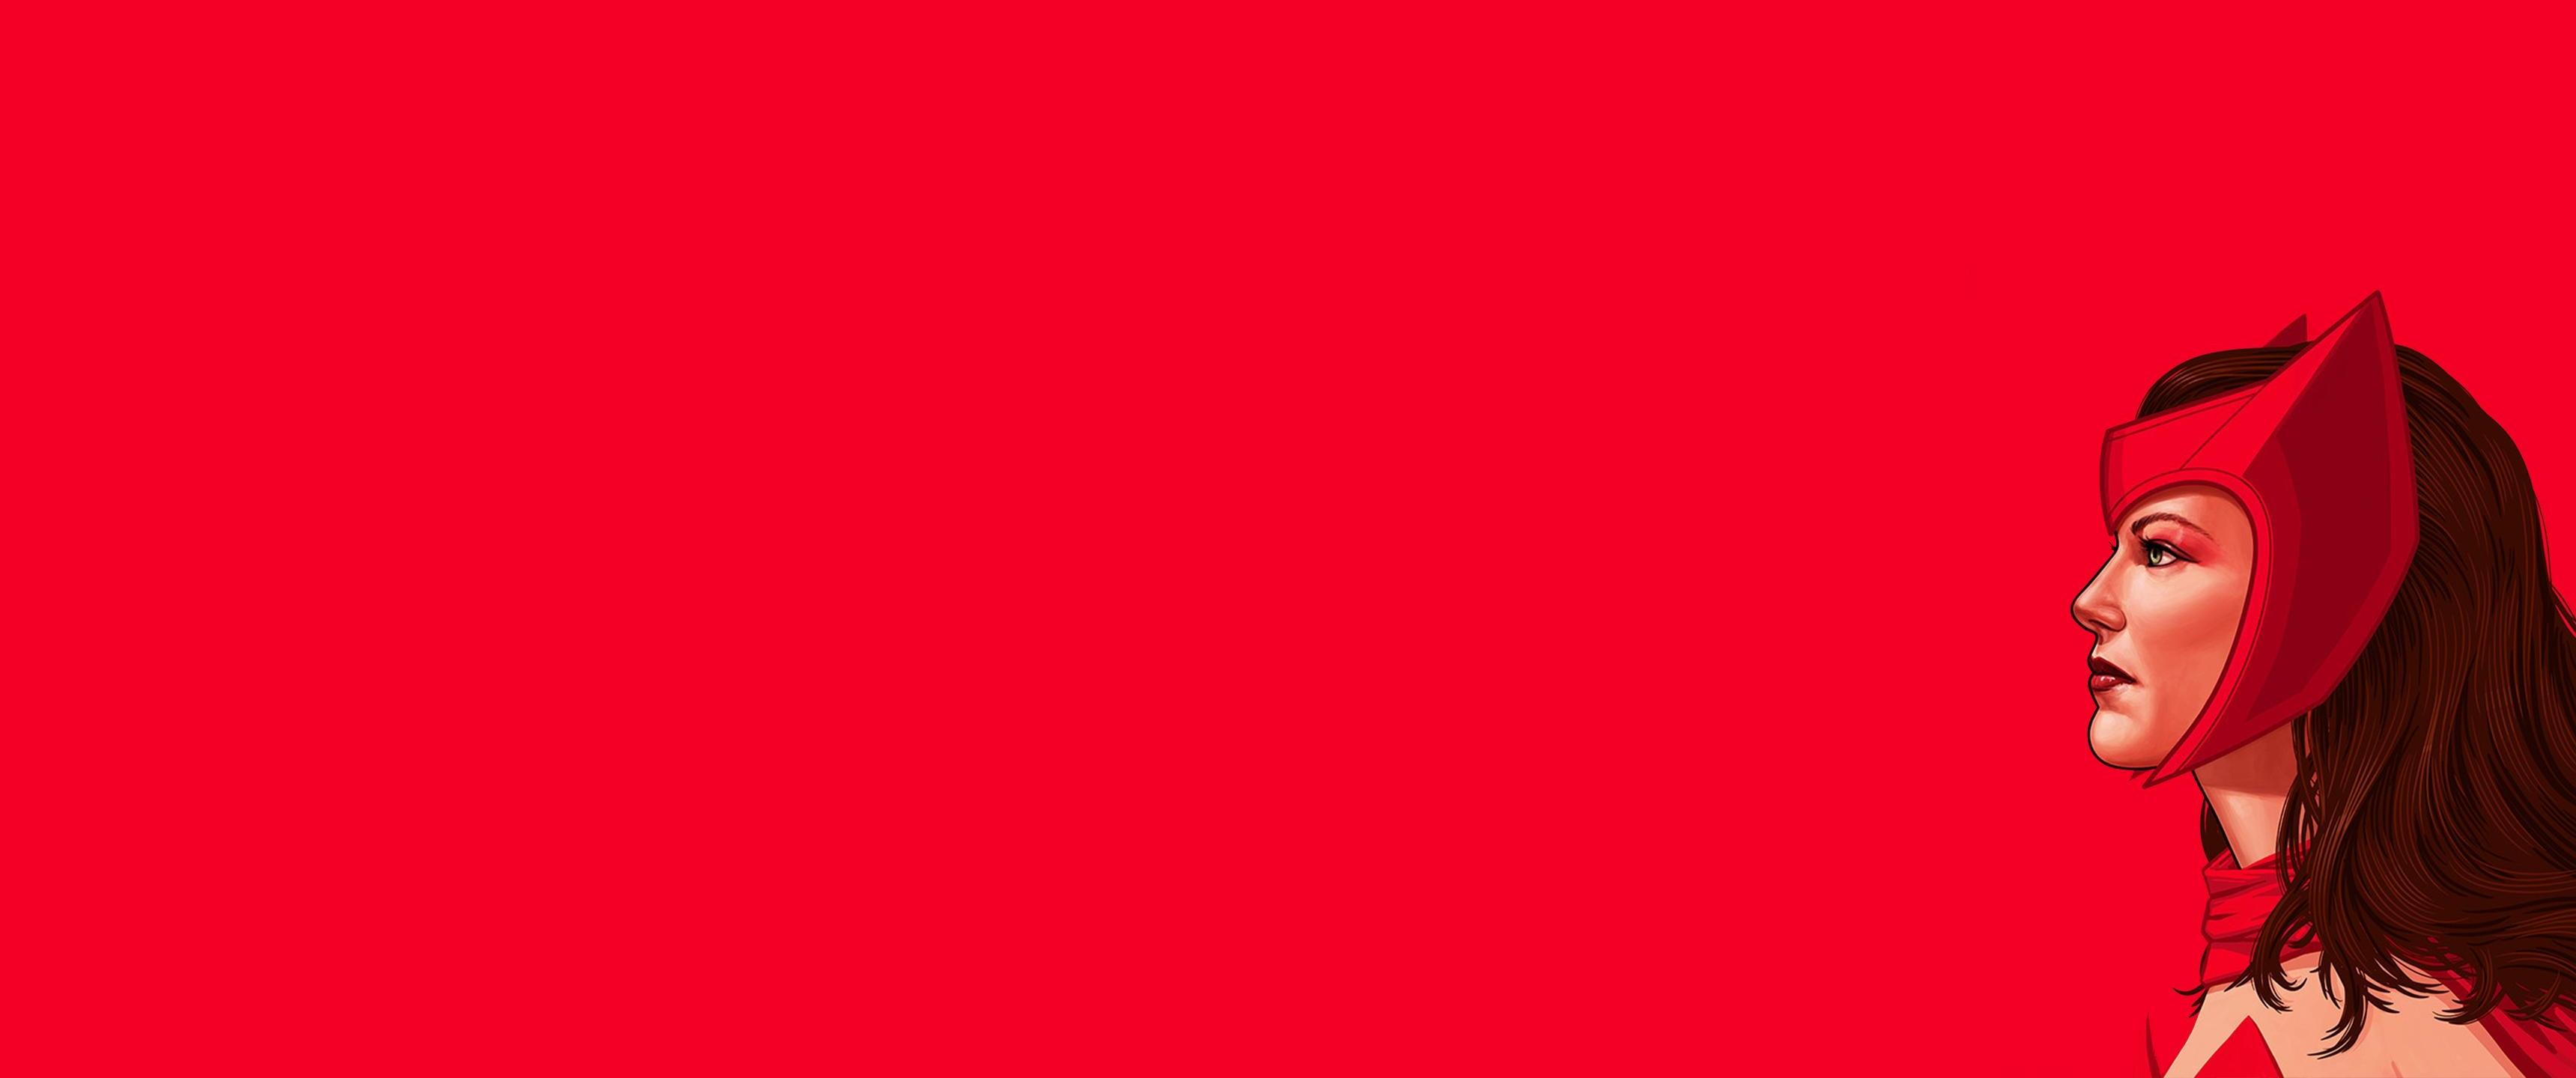 Эмулятор Daredevil играй онлайн бесплатно без смс